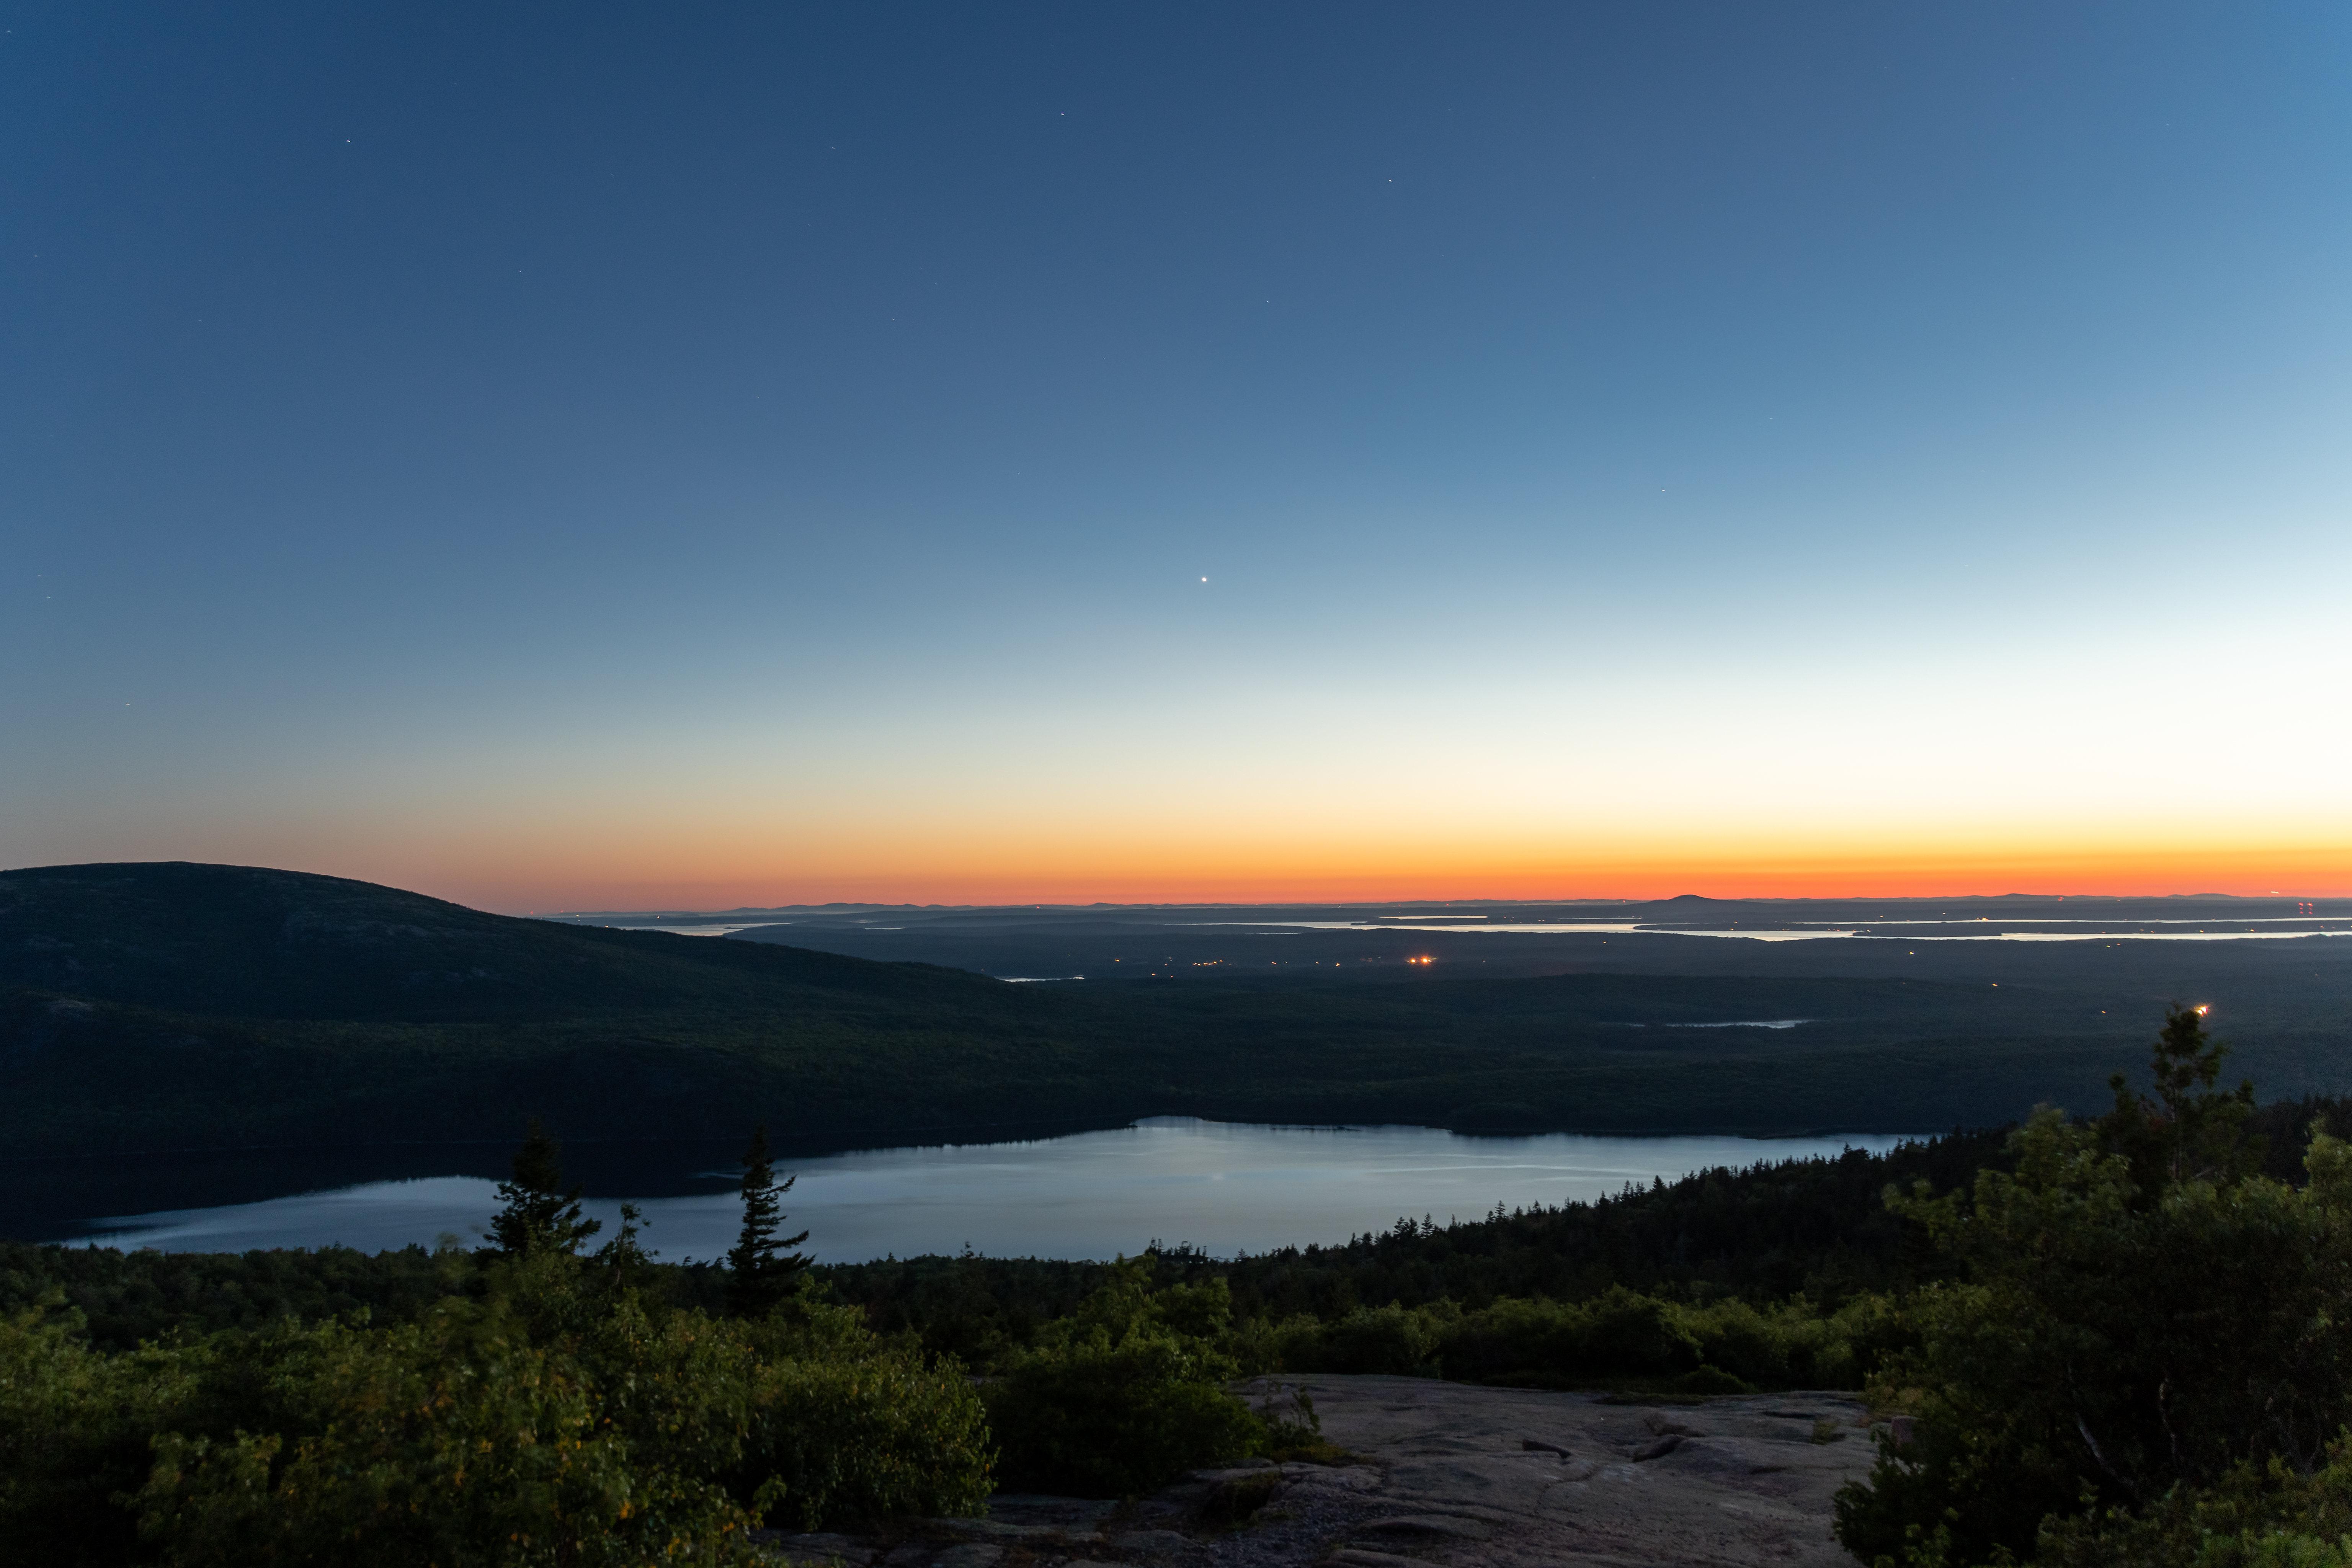 109722 Заставки и Обои Озеро на телефон. Скачать Вечер, Озеро, Природа, Сумерки, Холм картинки бесплатно